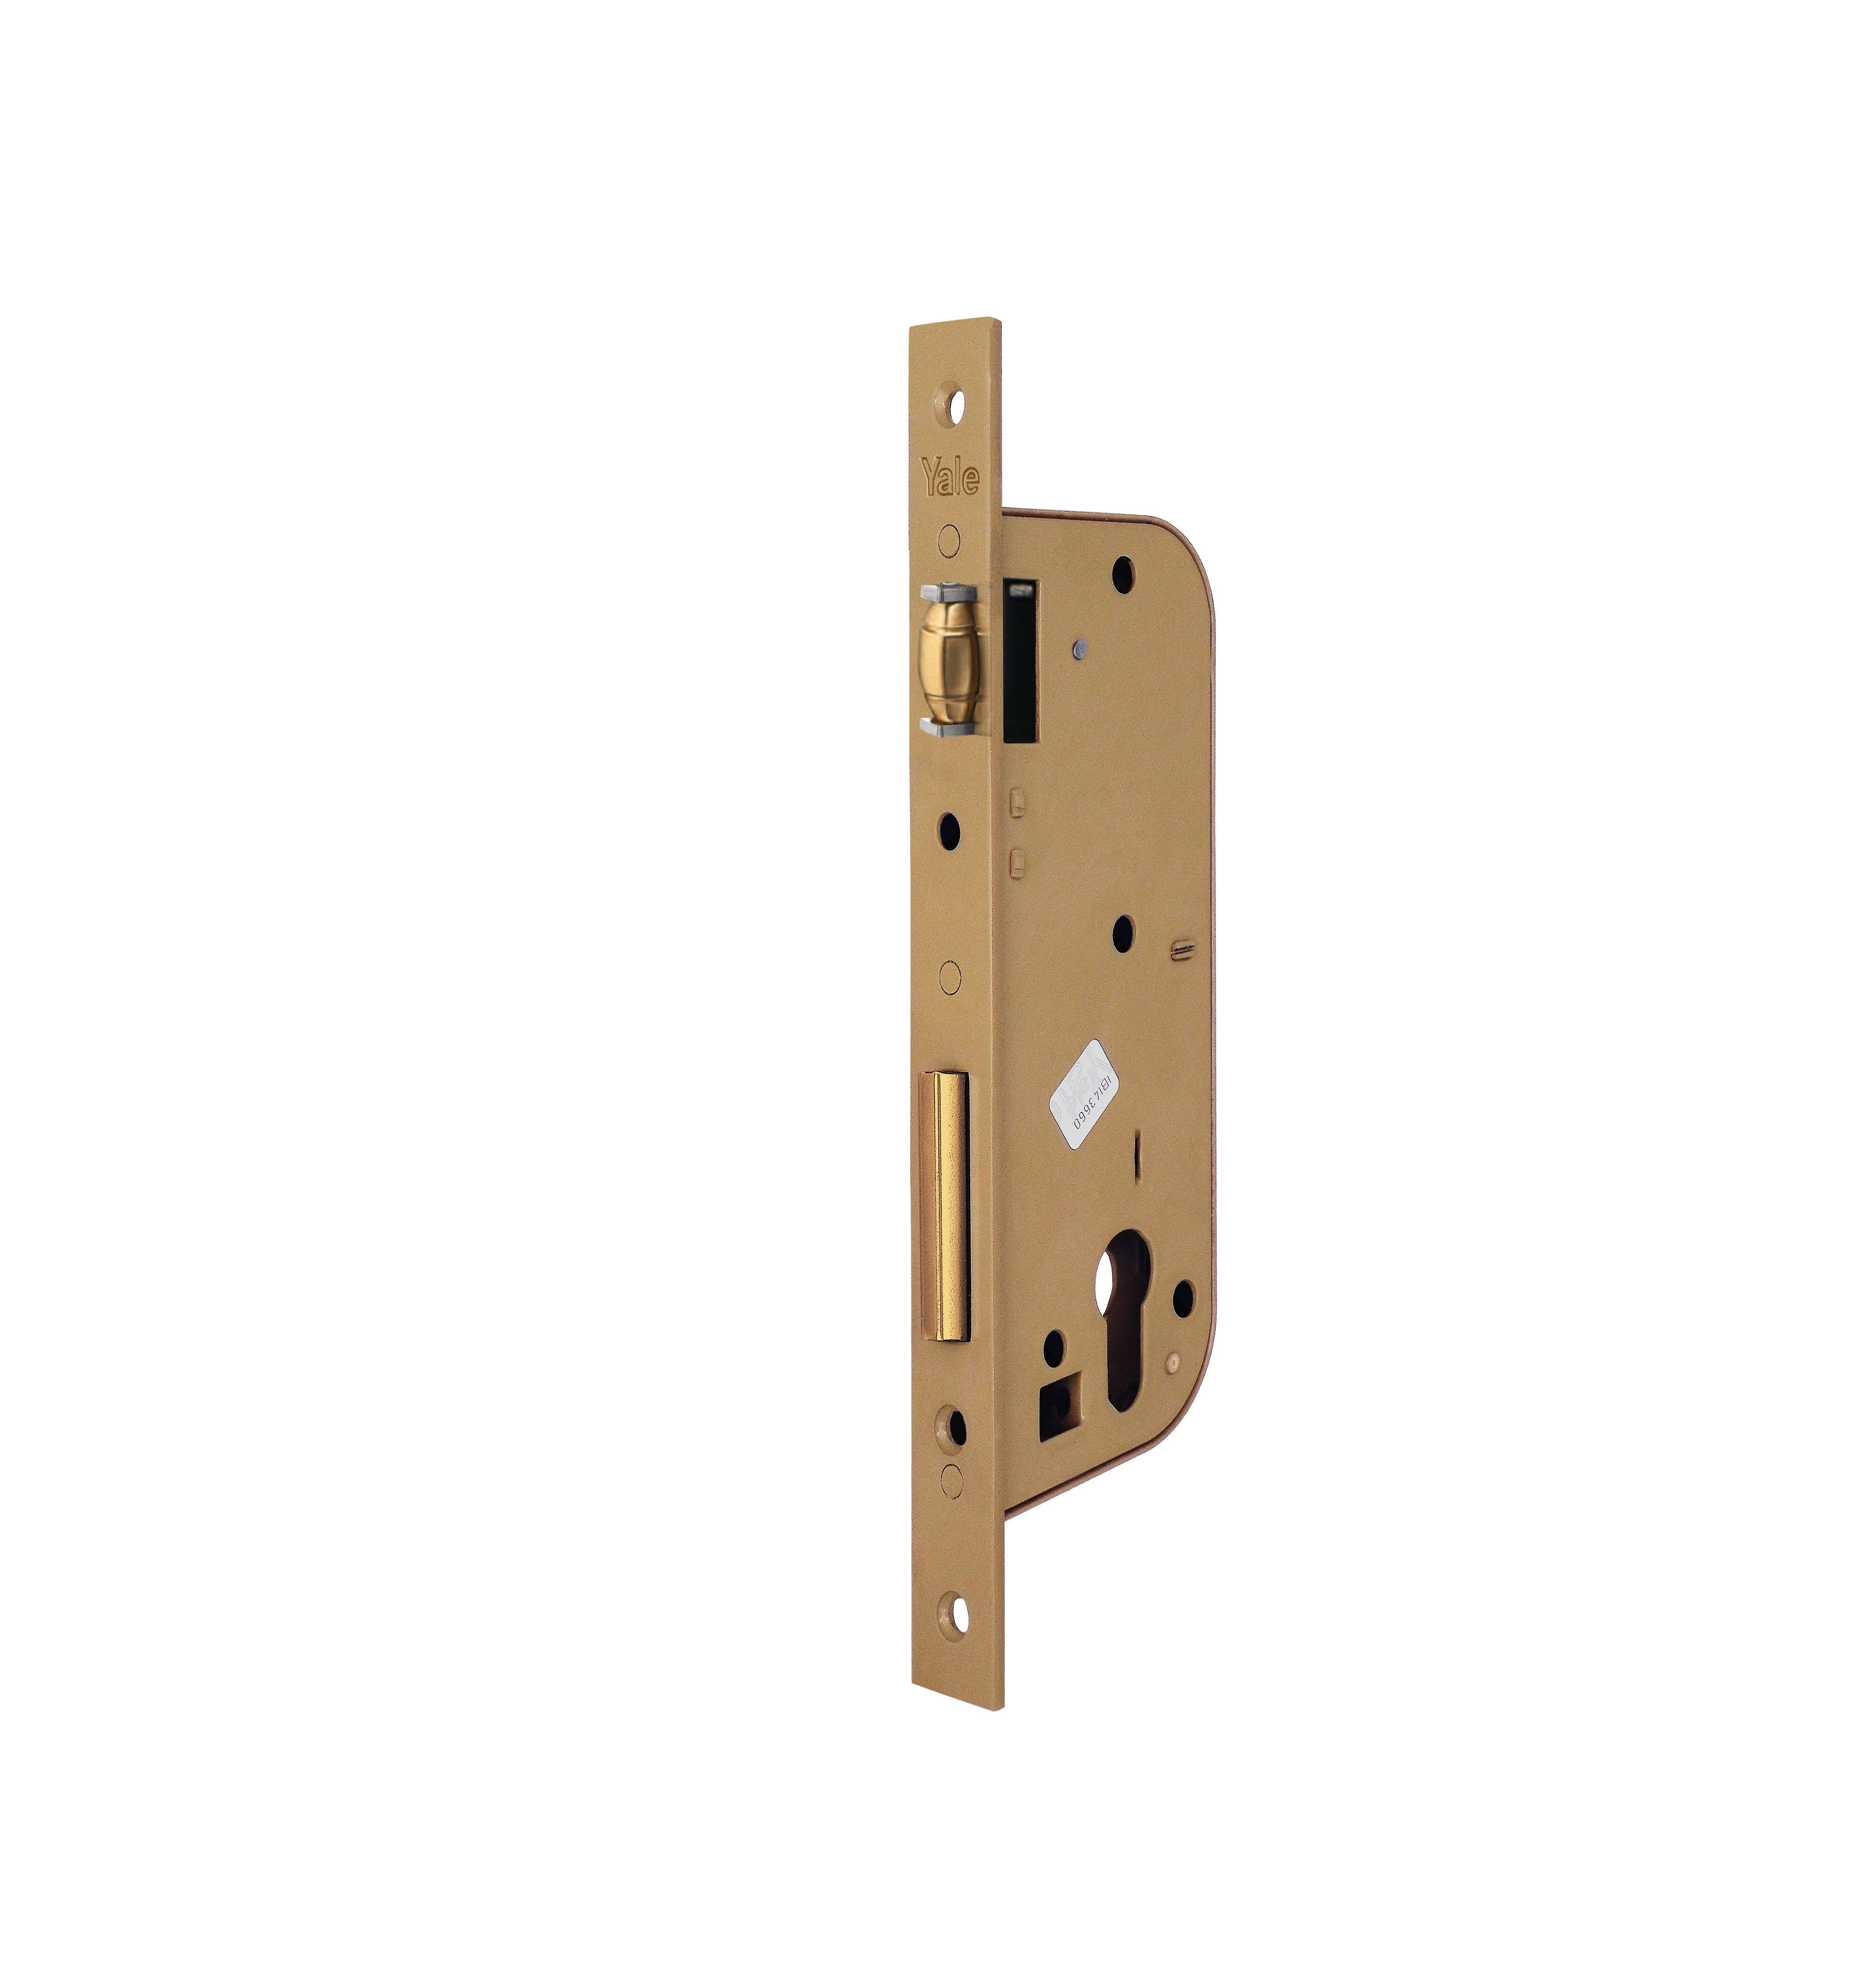 521 Mortice fock for wooden door with adjustable roller